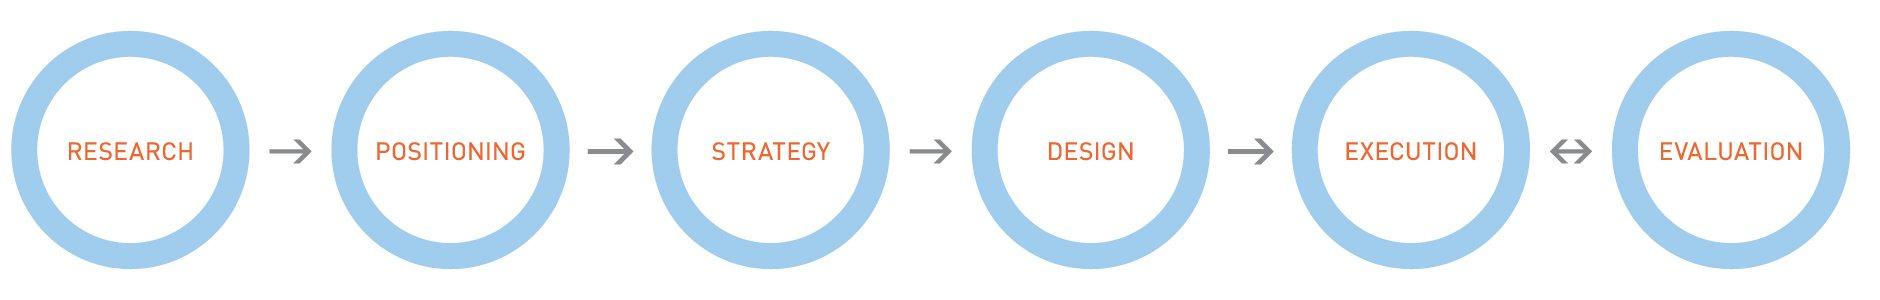 LAInc_six_step_methodology'